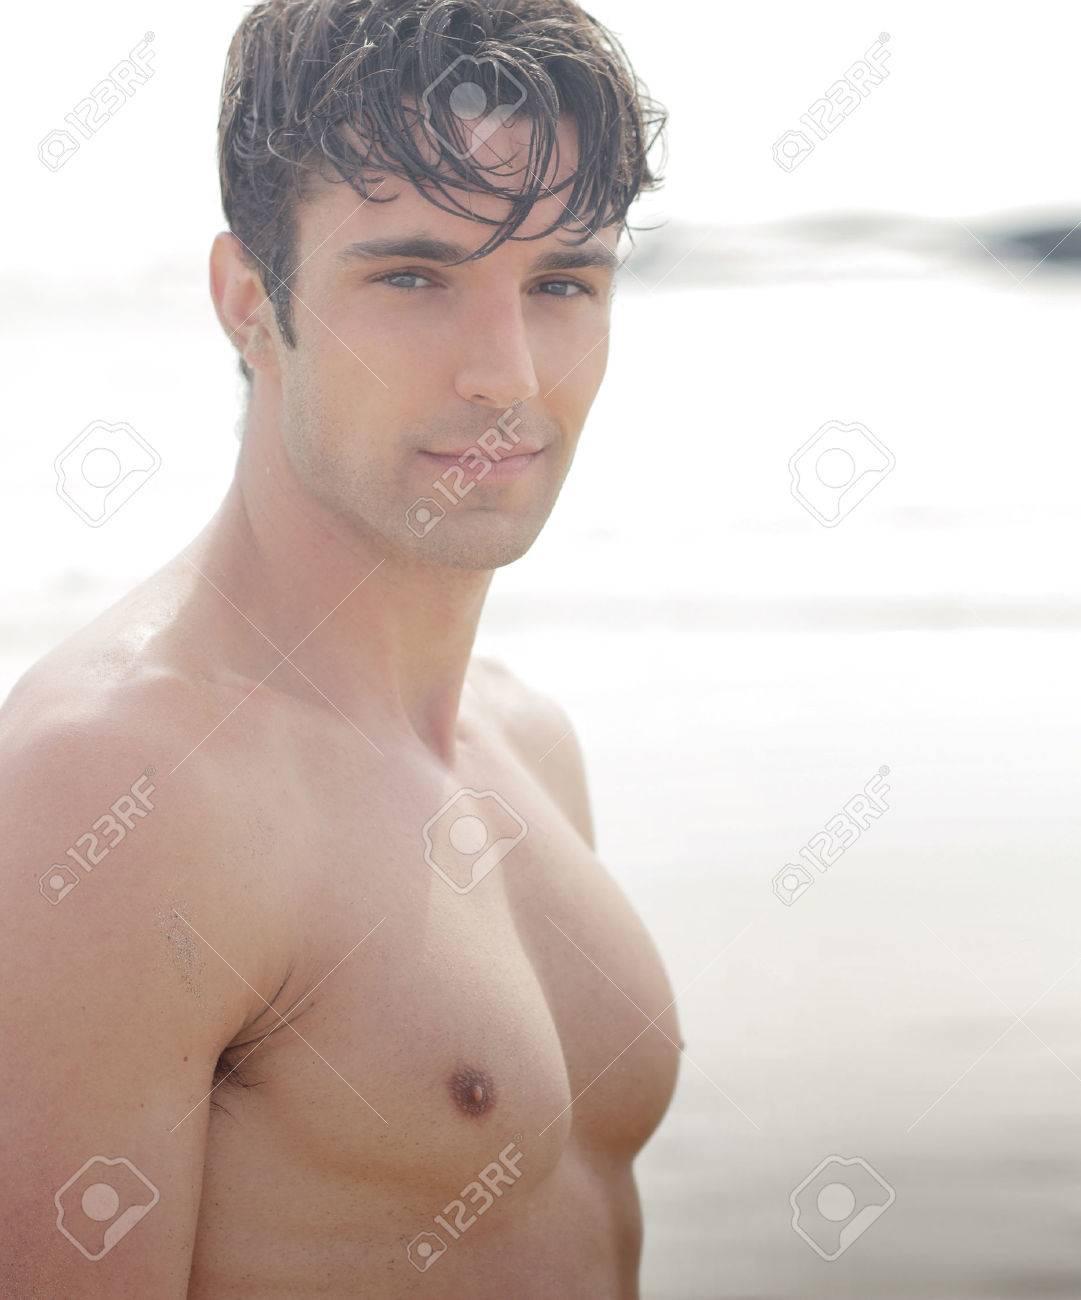 Beau jeune homme torse nu en plein air Banque d'images - 27884877